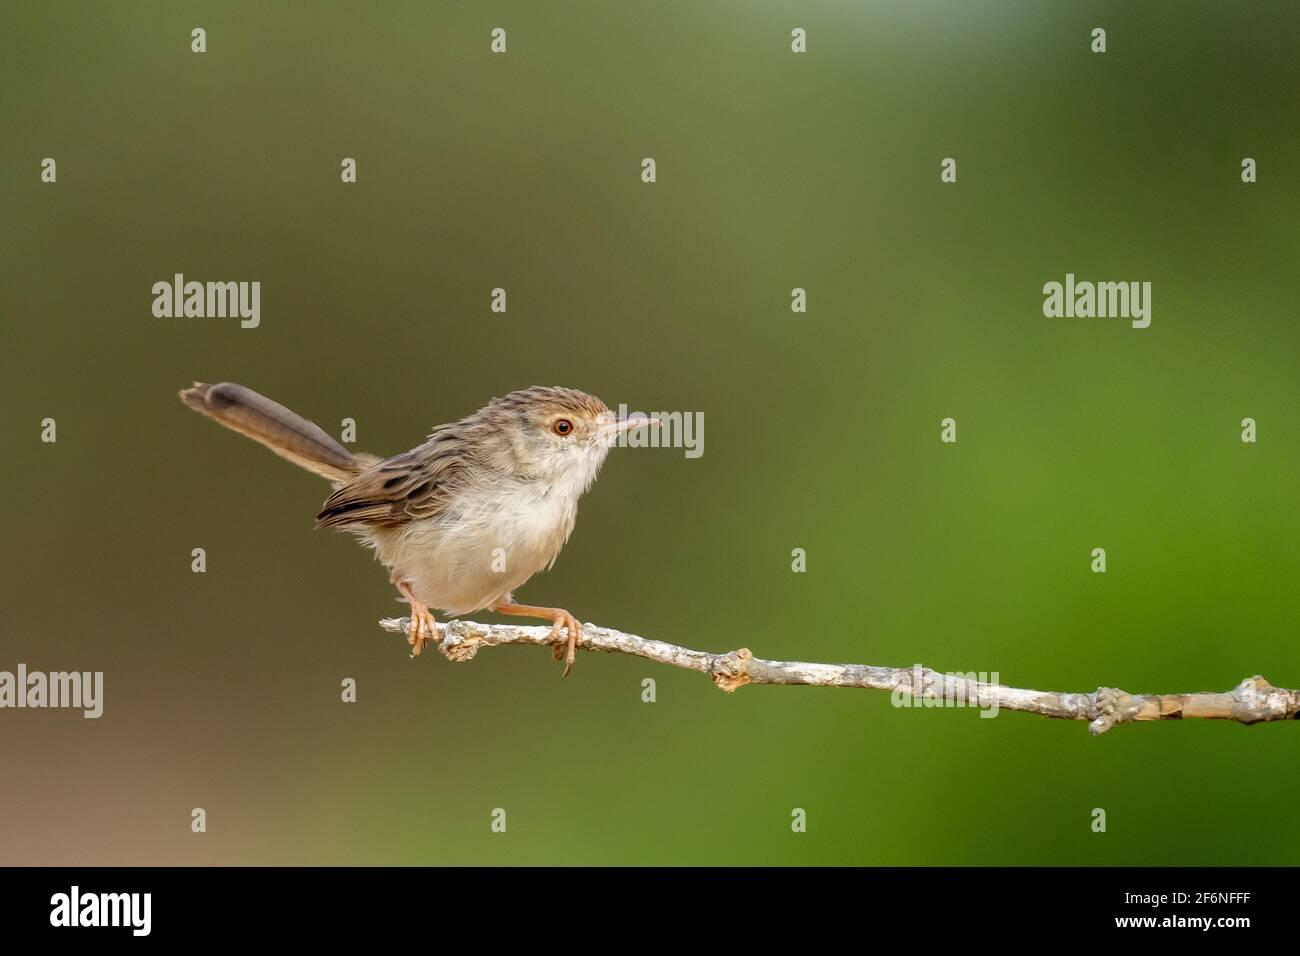 Female House Sparrow (Passer domesticus biblicus) encaramado en una rama, fotografiado en Israel en septiembre Foto de stock